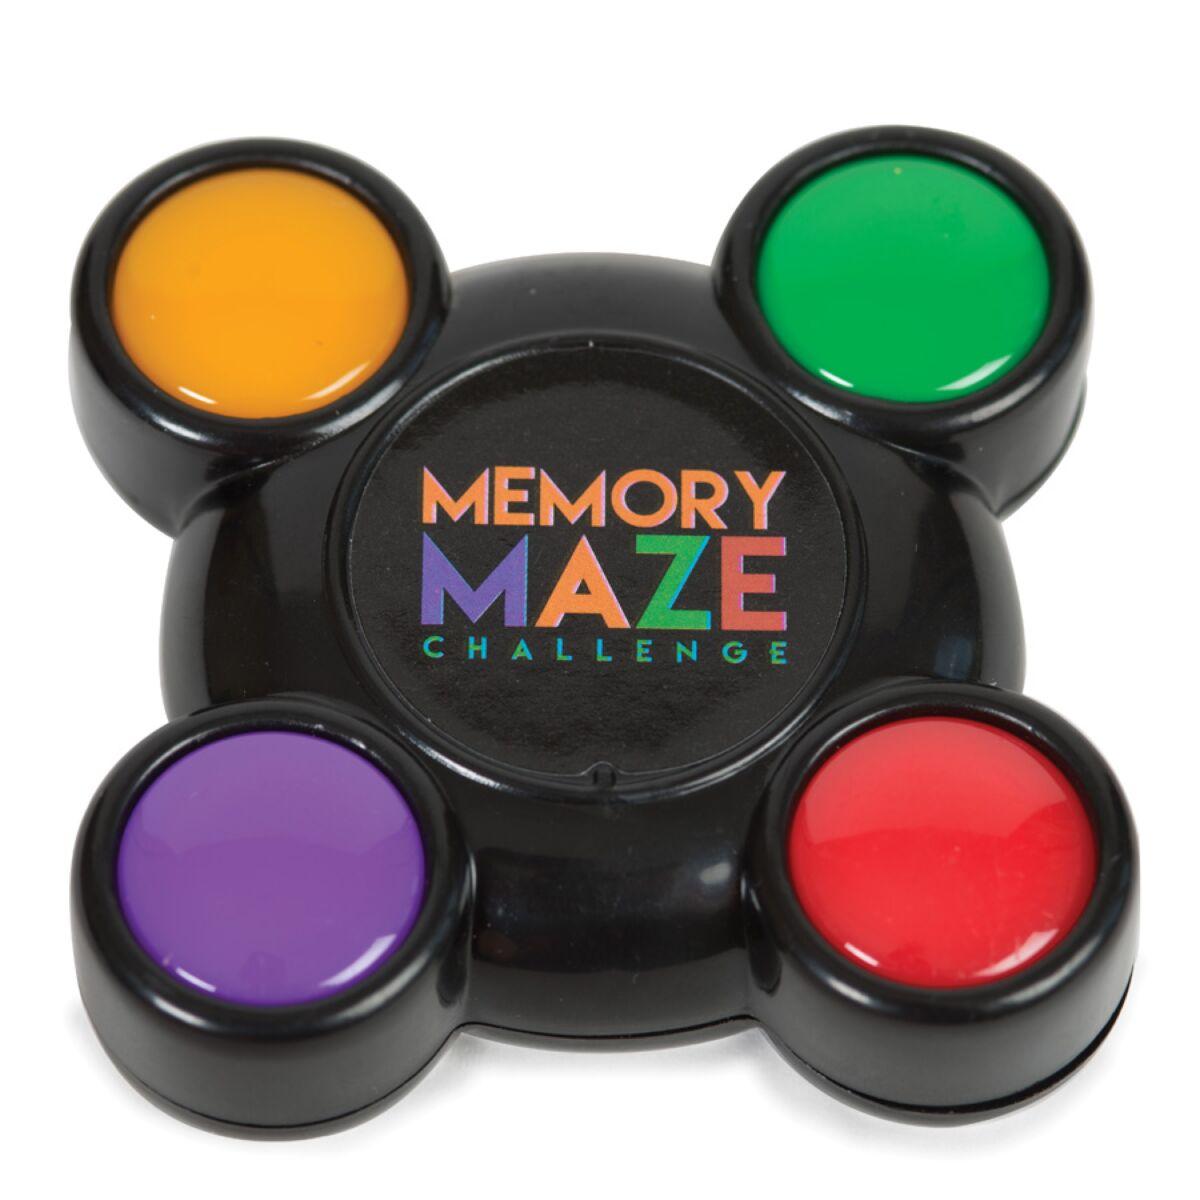 Memory Maze Challenge pocket game £2.99 at Robert Dyas free c&c